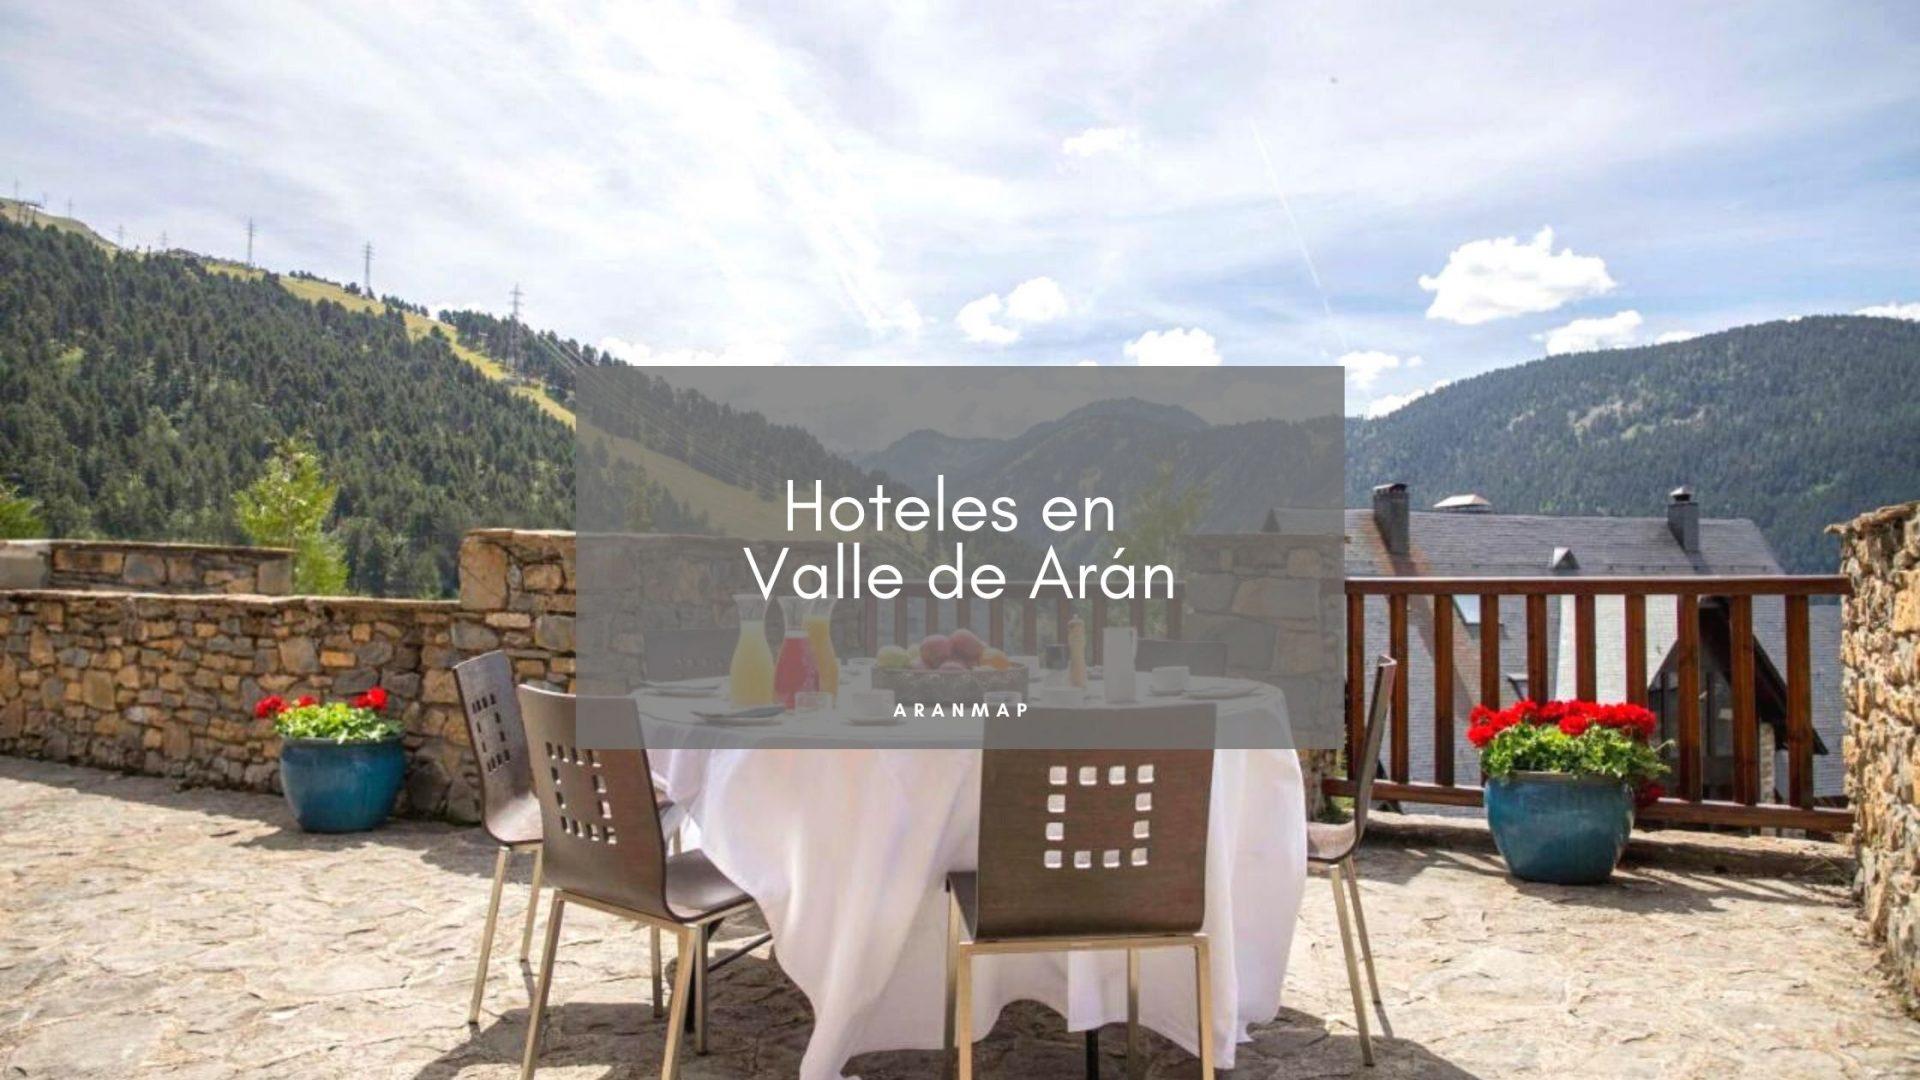 Hoteles en el Valle de Arán